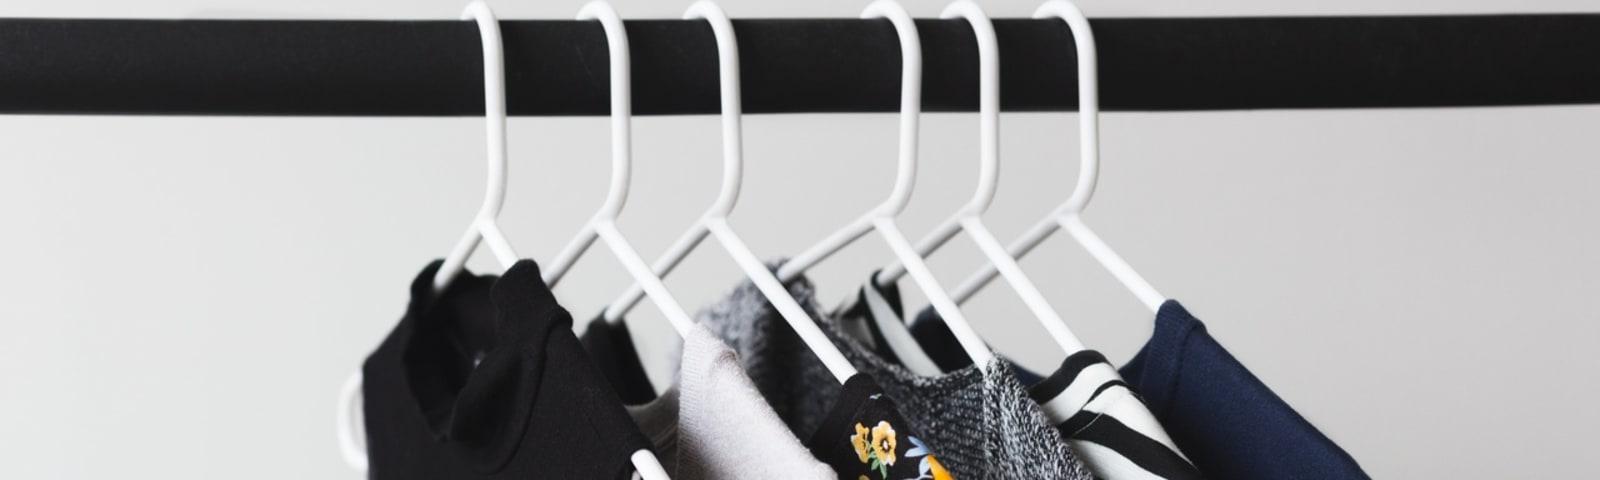 Imagem de destaque do post Looks minimalistas: simplifique sua rotina com guarda roupa otimizado